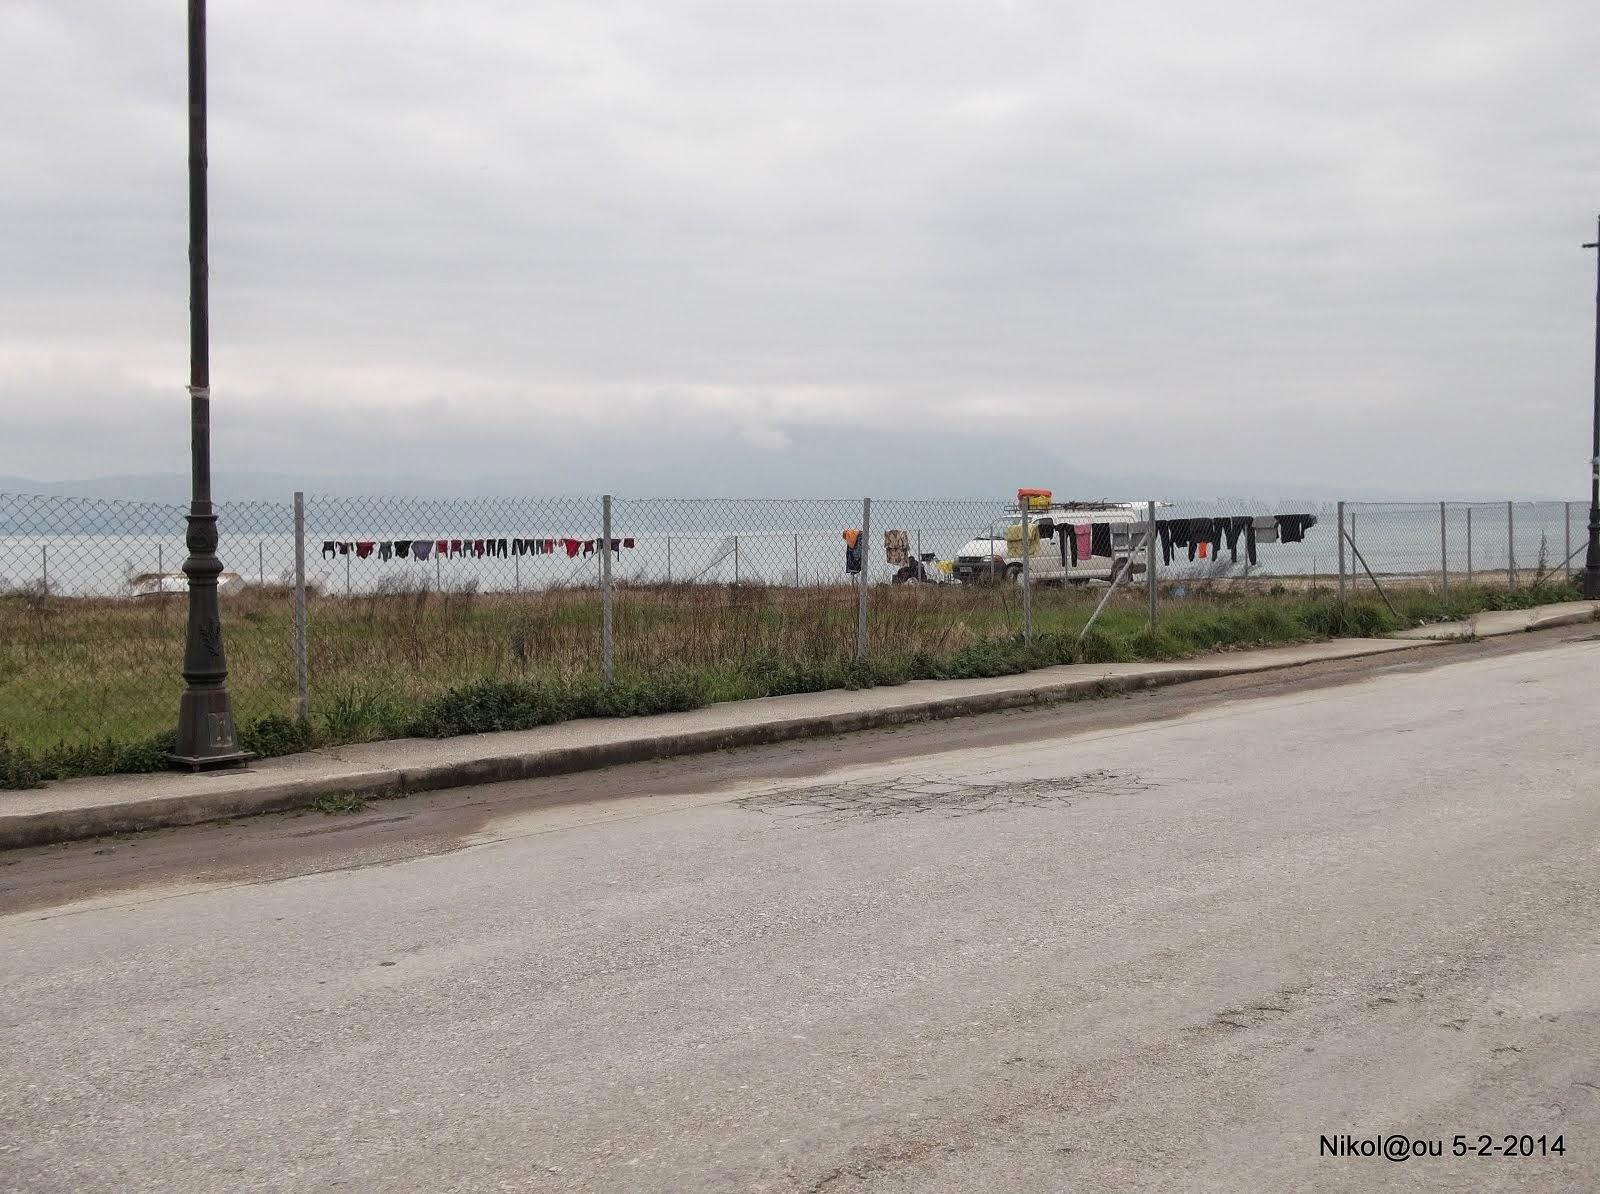 Η παράνομη περίφραξη αιγιαλού και παραλίας στο Βραχάτι!  Δήμαρχος, Προεδρος, υπάρχουν?